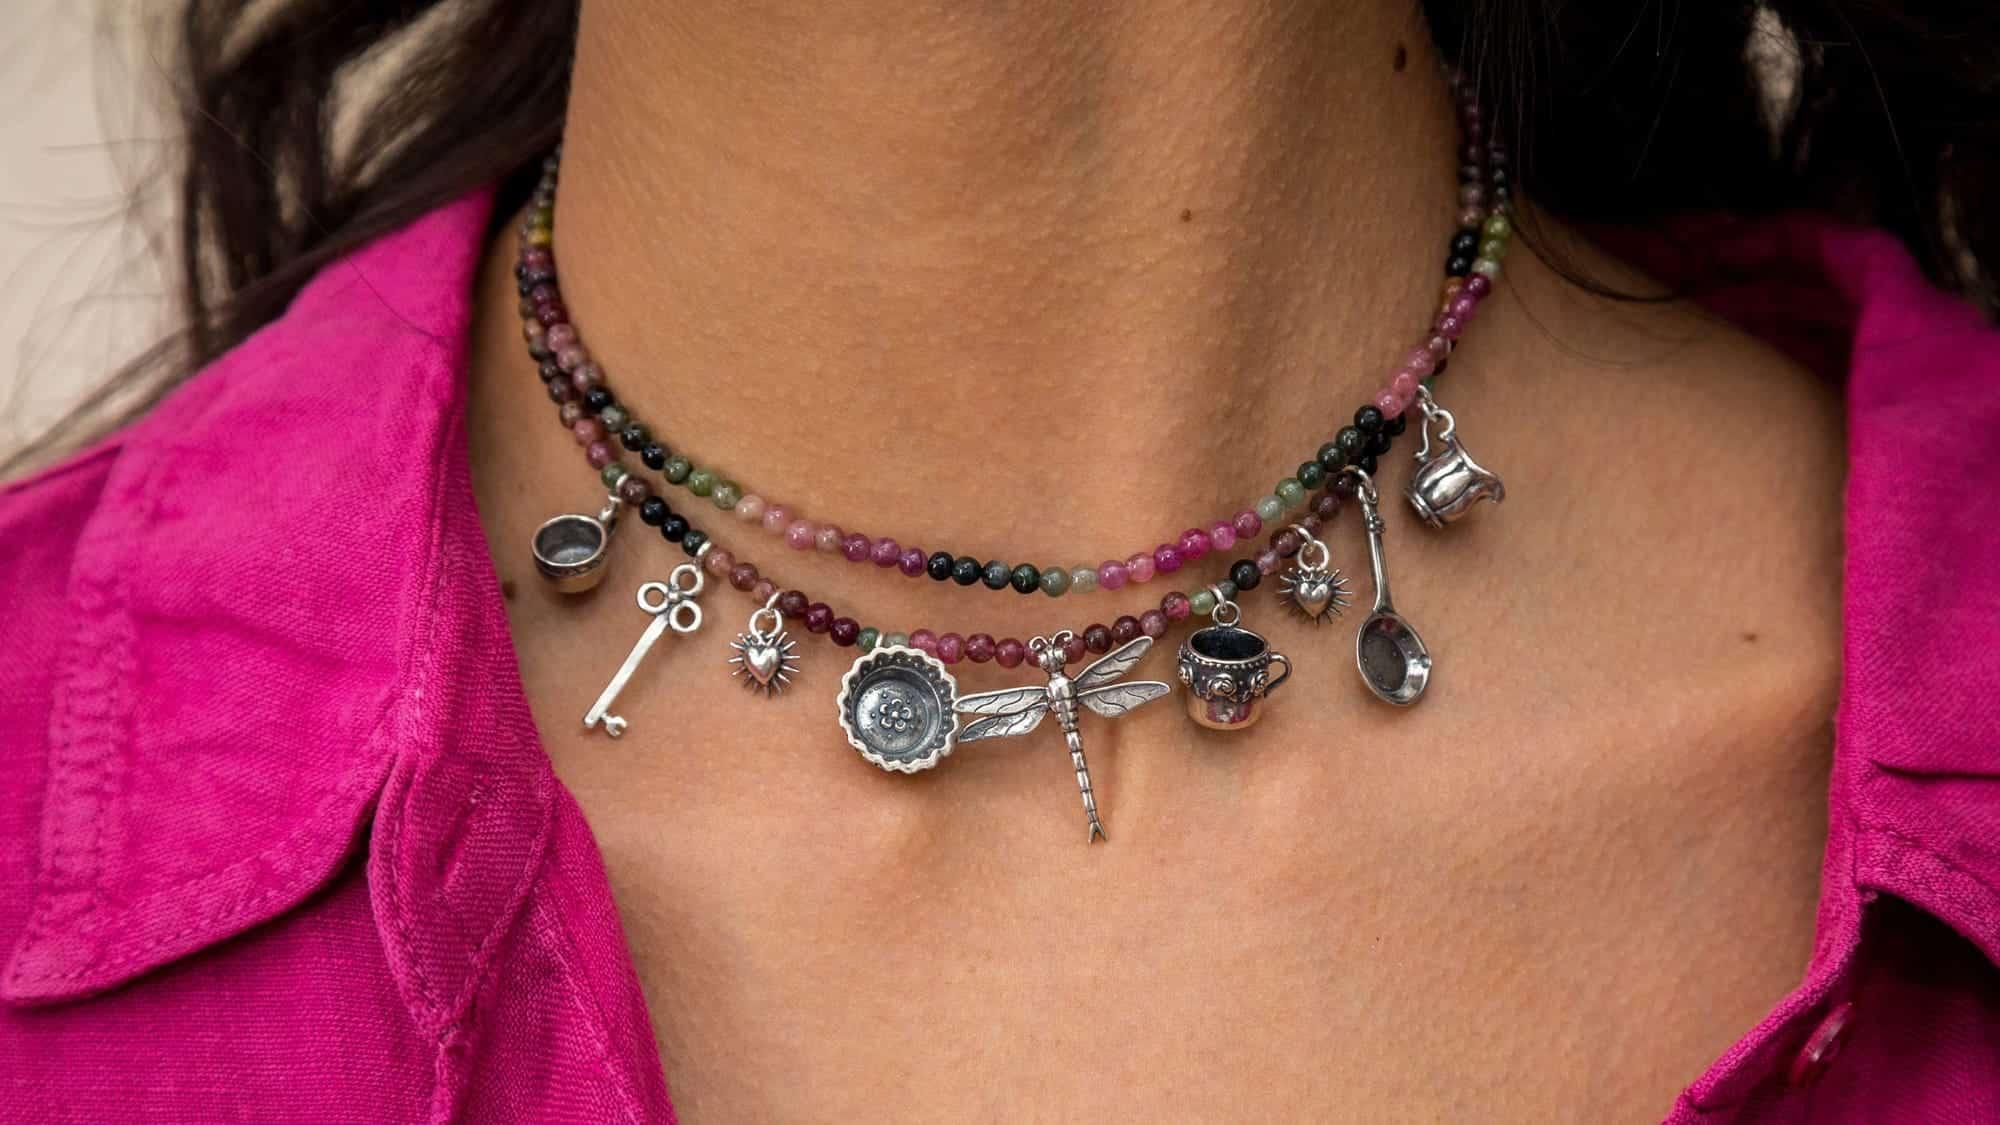 joyas mexicanas gabriela sanchez collar tantos recuerdos collar gabriela sanchez 28423585464375